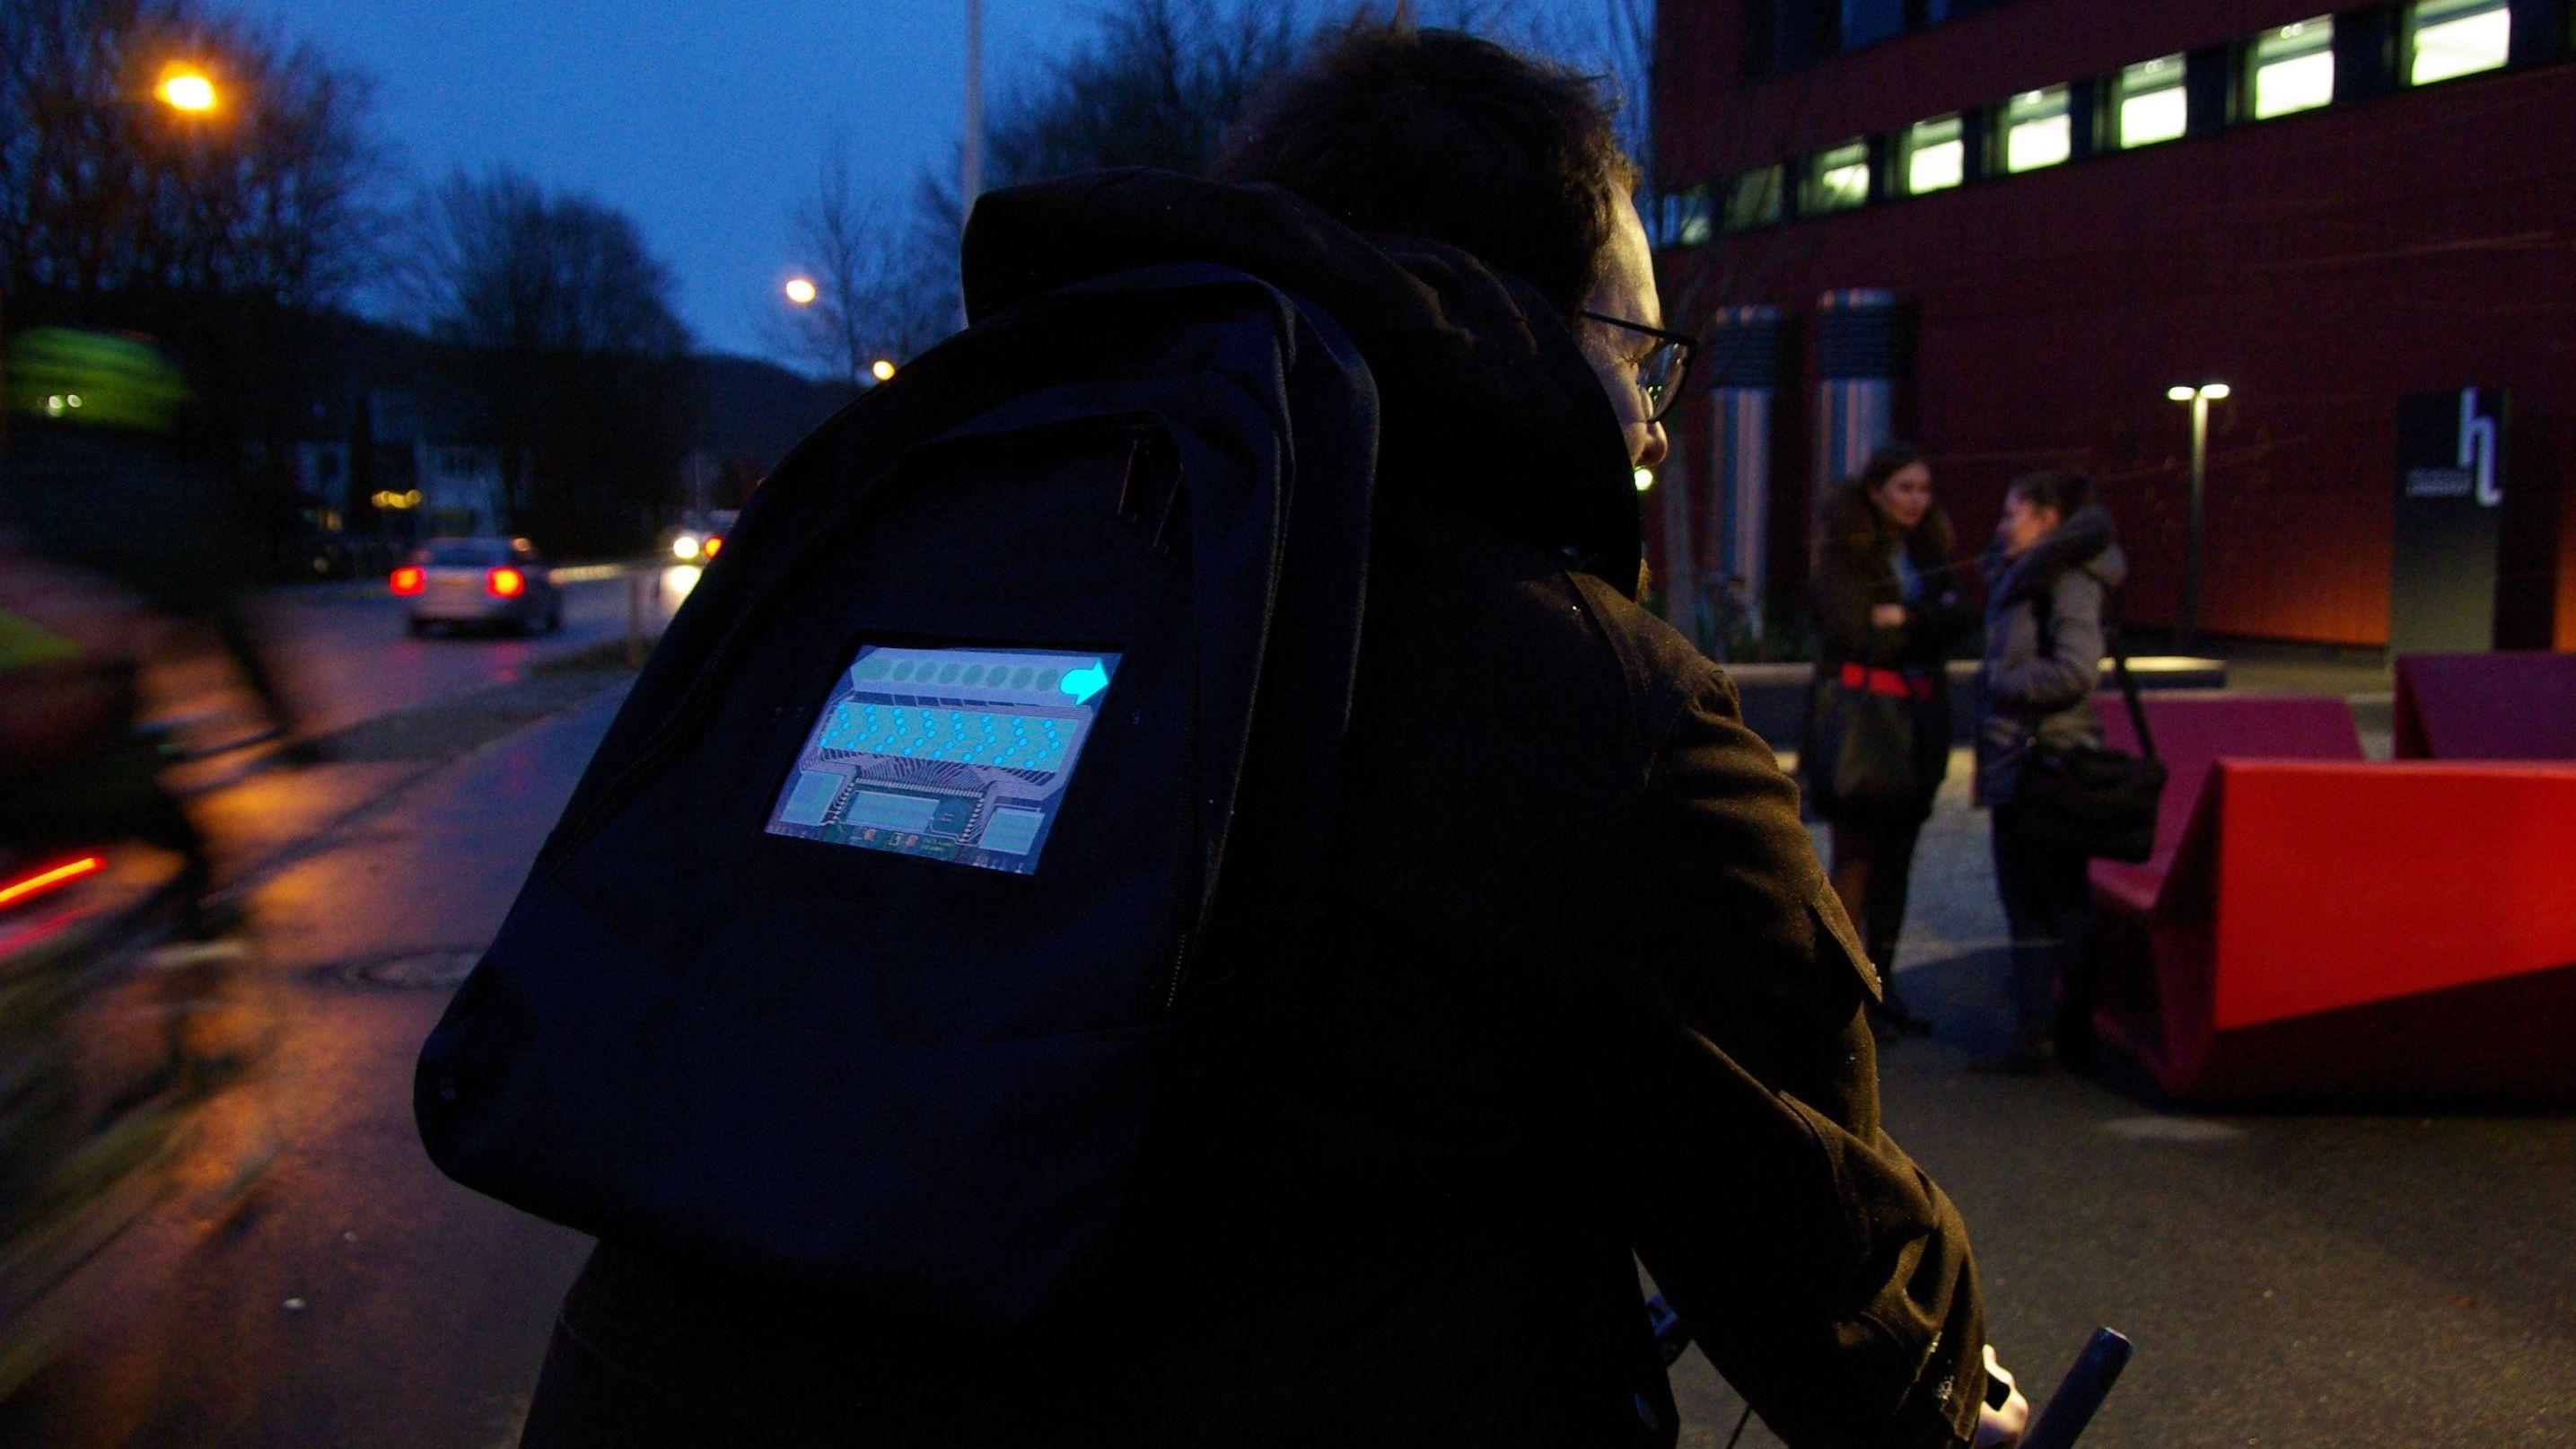 Ein Fahrradfahrer trägt in der Dunkelheit eine Blinker-Jacke